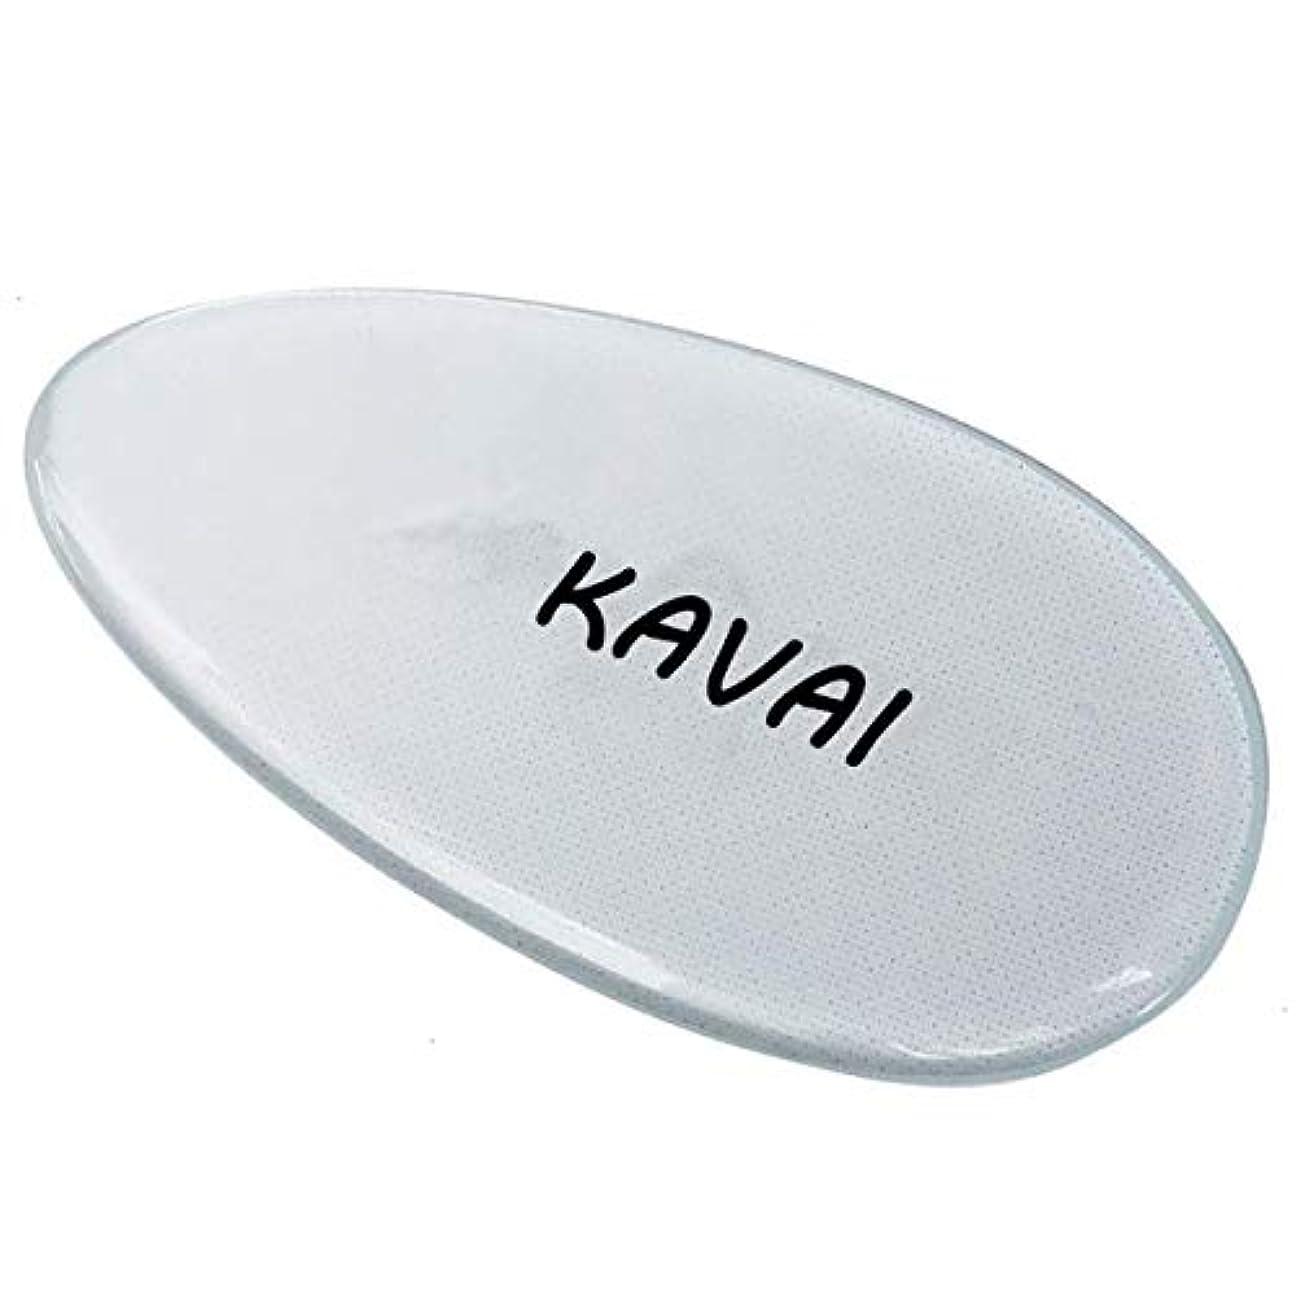 耐えるワーカー一握りKavai かかと削り, かかと 角質取り ガラス, ガラス製かかとやすり 足 かかと削り かかと削り かかと磨き ガラス製 爪やすり (かかと削り)